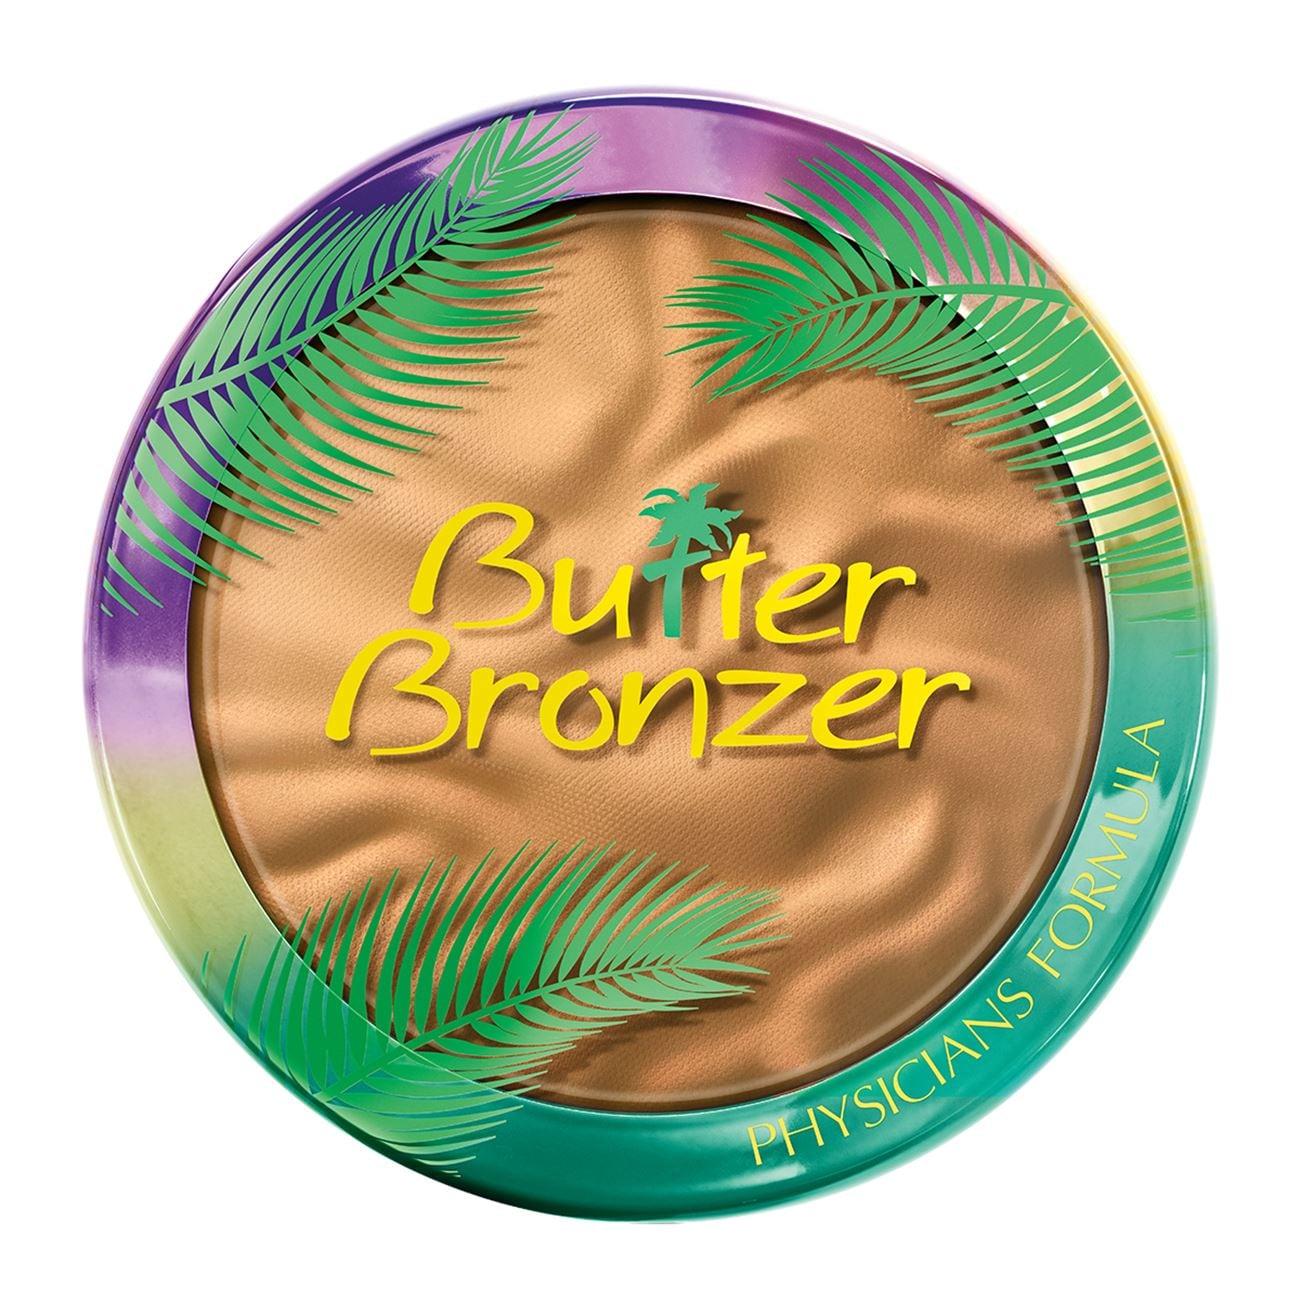 Physicians Formula Murumuru Butter Bronzer 0.38 oz (Pack of 9) 44386066762   eBay